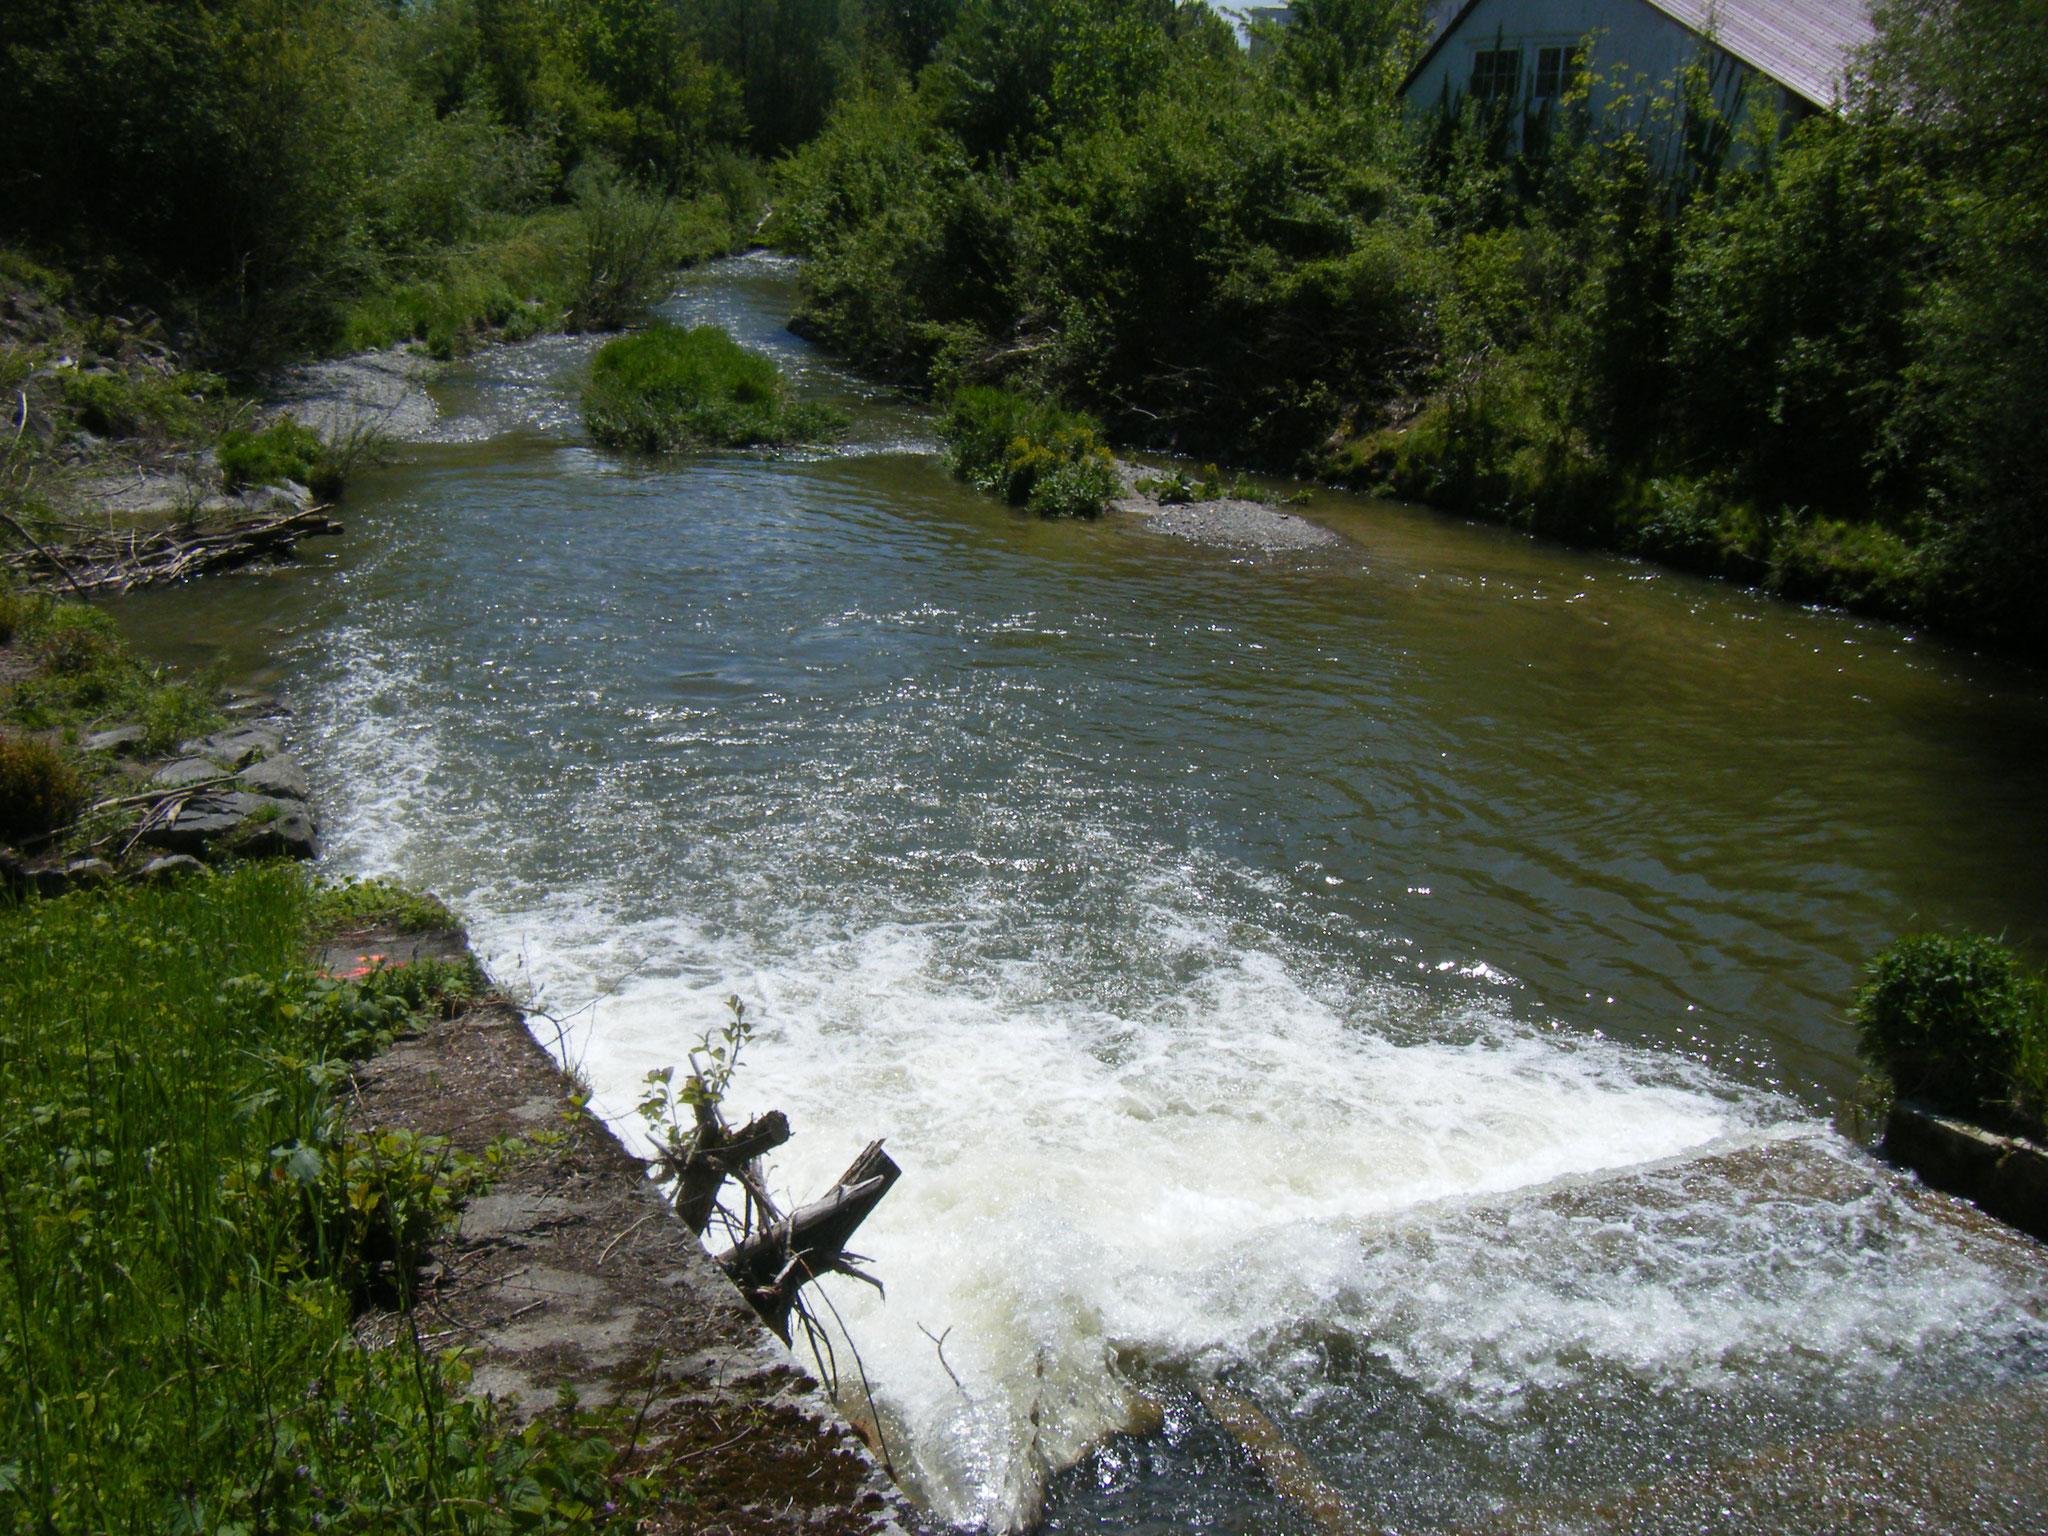 Flussabwärts des Rundelwehres ist die Rotach für ein kurzes Stück relativ breit, hat Kiesinseln und ist beschattet. So sollte der gesamte Flusslauf aussehen.